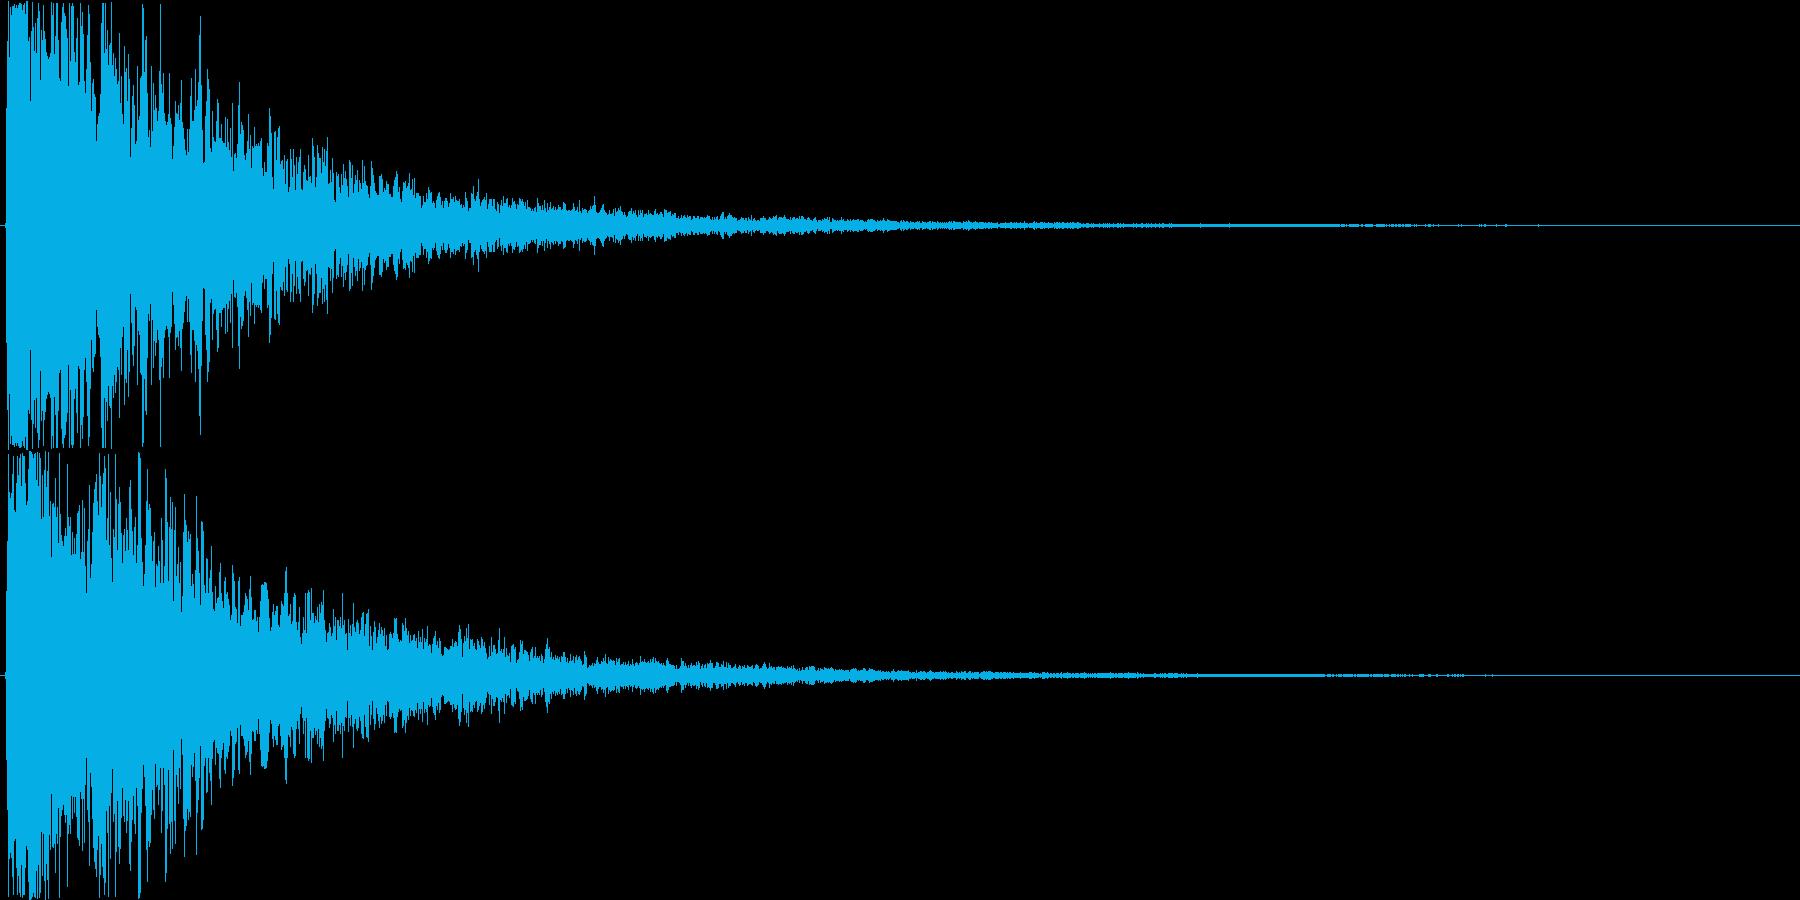 パァーン(決定音、中世、荘厳)の再生済みの波形